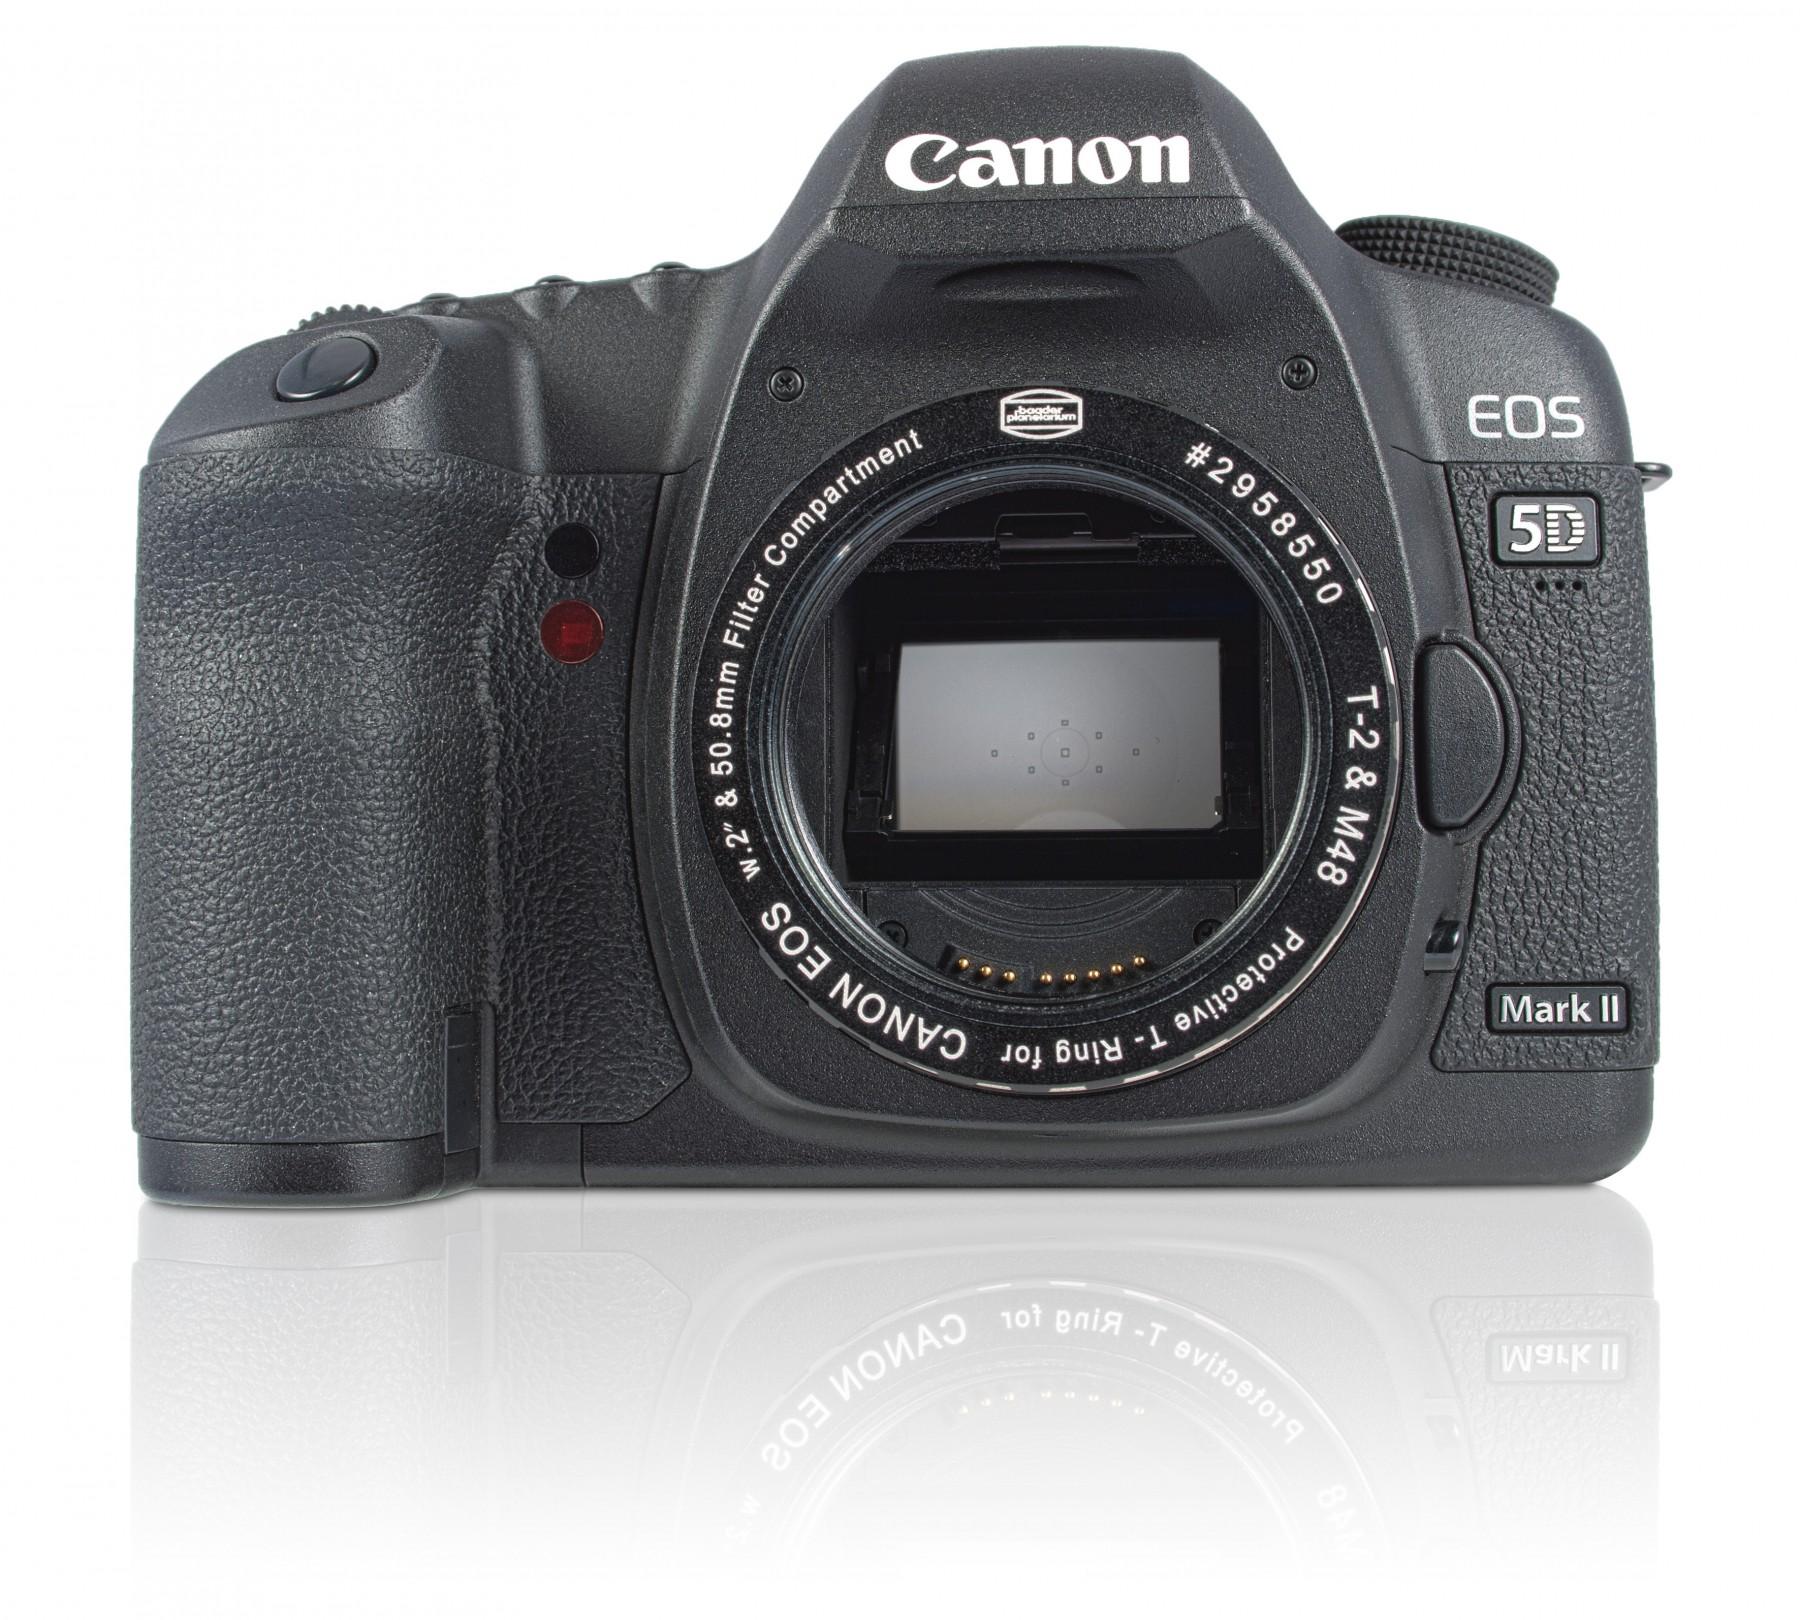 Canon EOS Protective T-Ring in Standardausführung ohne zusätzlichen Filter. Kamera nicht im Lieferumfang enthalten